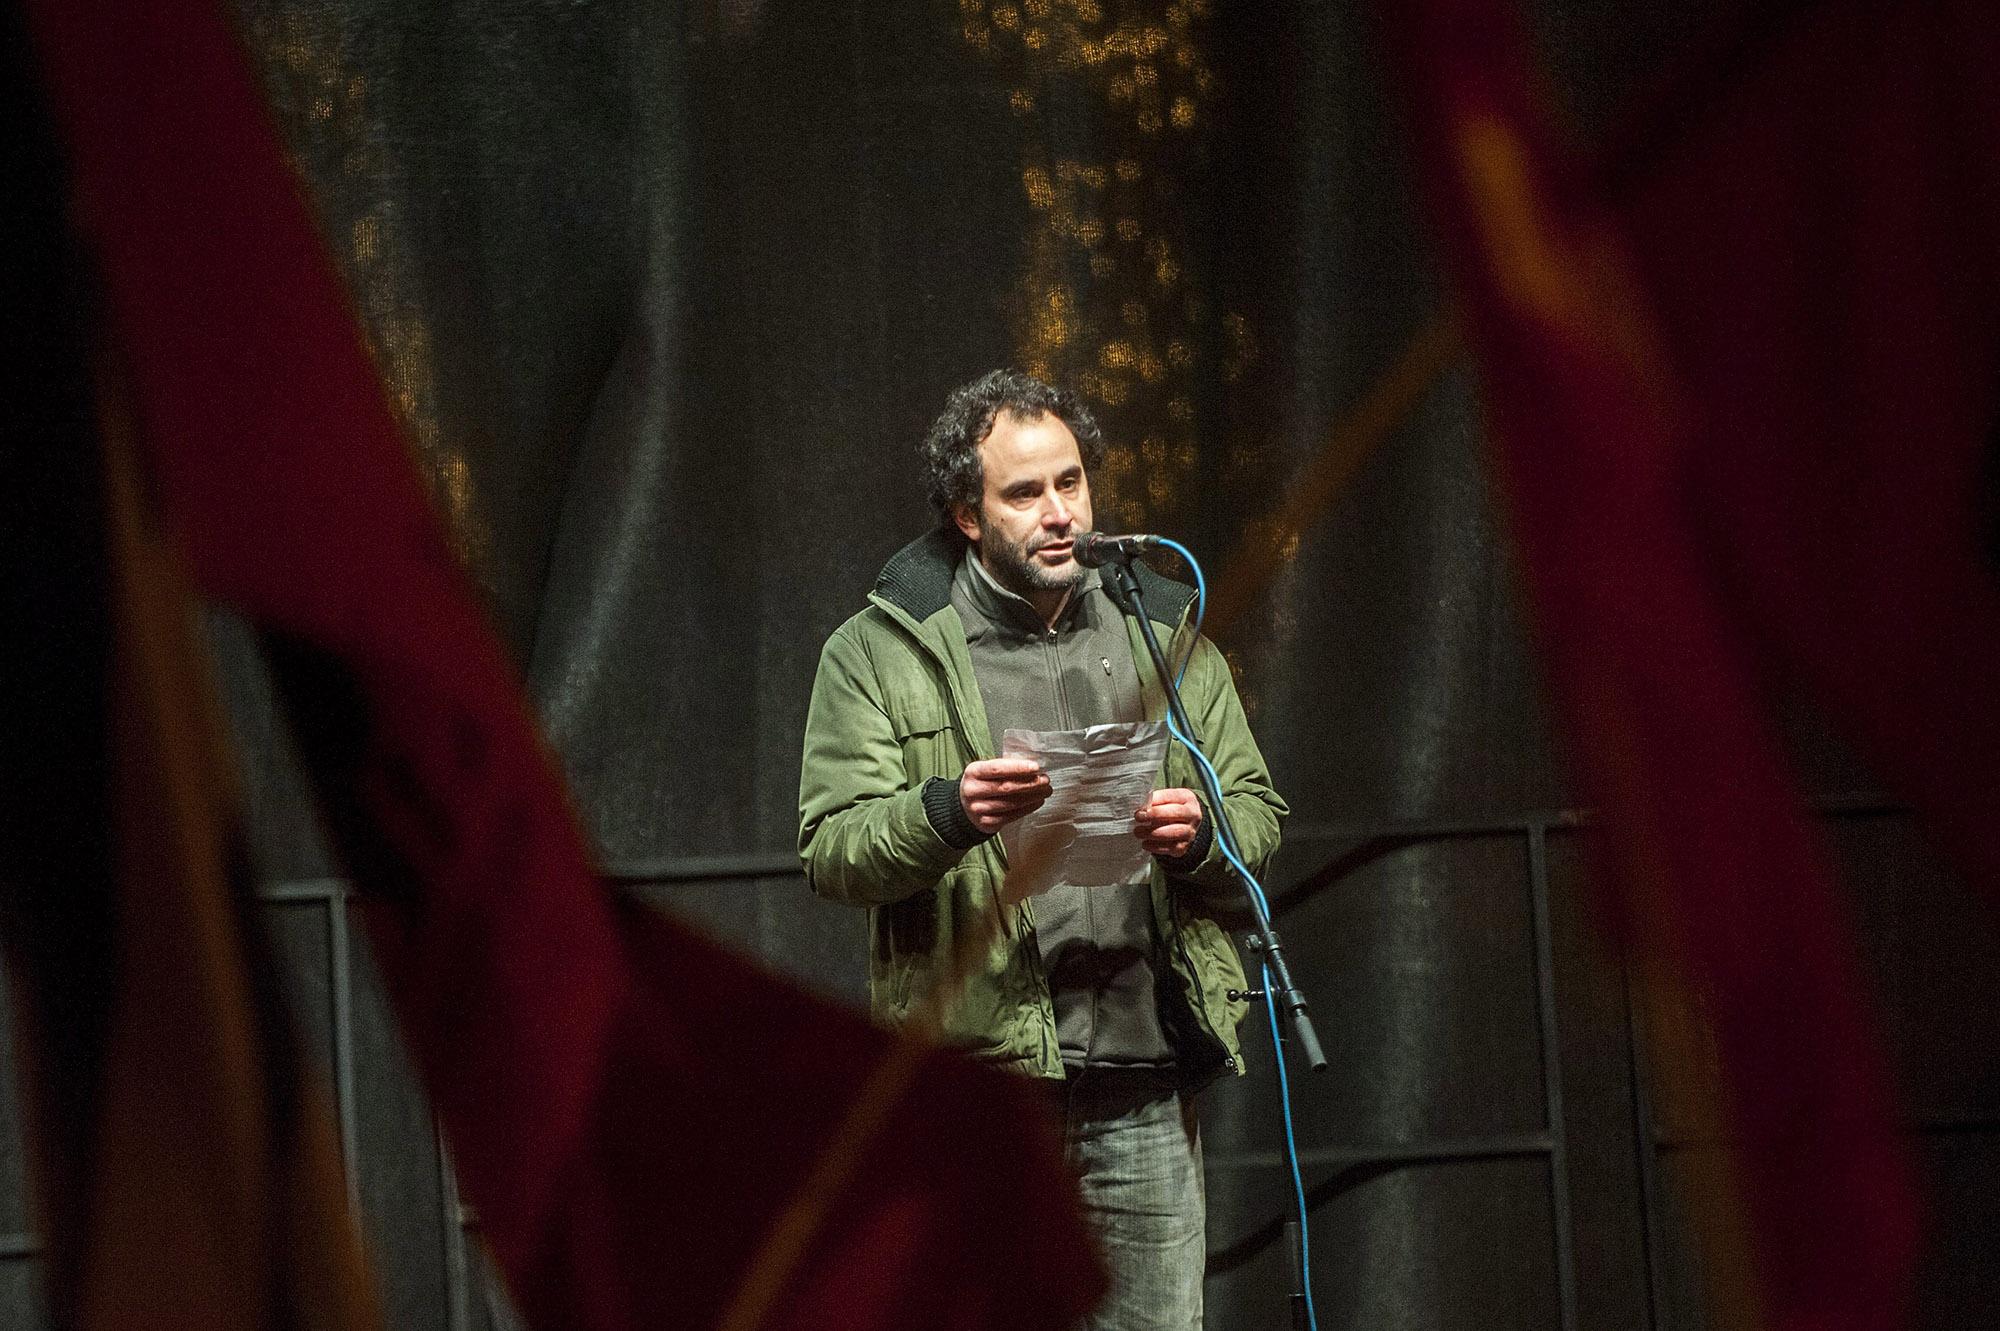 Budapest, 2015. január 2.Várady Zsolt, a MostMi társadalmi kezdeményezés egyik elindítója, az egykori iWiW közösségi weboldal alapítója a Facebookon MostMi! - Új országot építünk! mottóval, a közállapotok megváltoztatásáért meghirdetett demonstráción a Magyar Állami Operaház épülete előtt a fővárosi Andrássy úton 2015. január 2-án. A demonstrációt a három évvel ezelőtti tüntetés évfordulója alkalmából szervezték az operaház elé.MTI Fotó: Marjai János